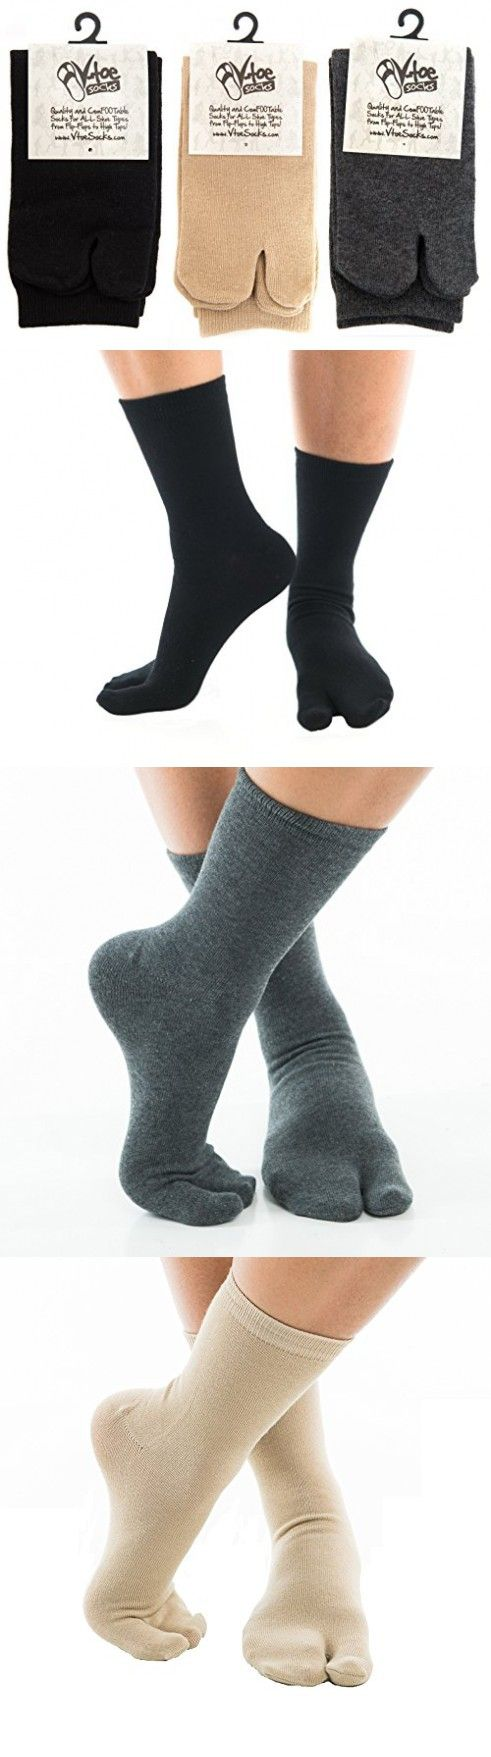 3 Pairs - V-Toe Black, Khaki, Grey Flip Flop Tabi Socks